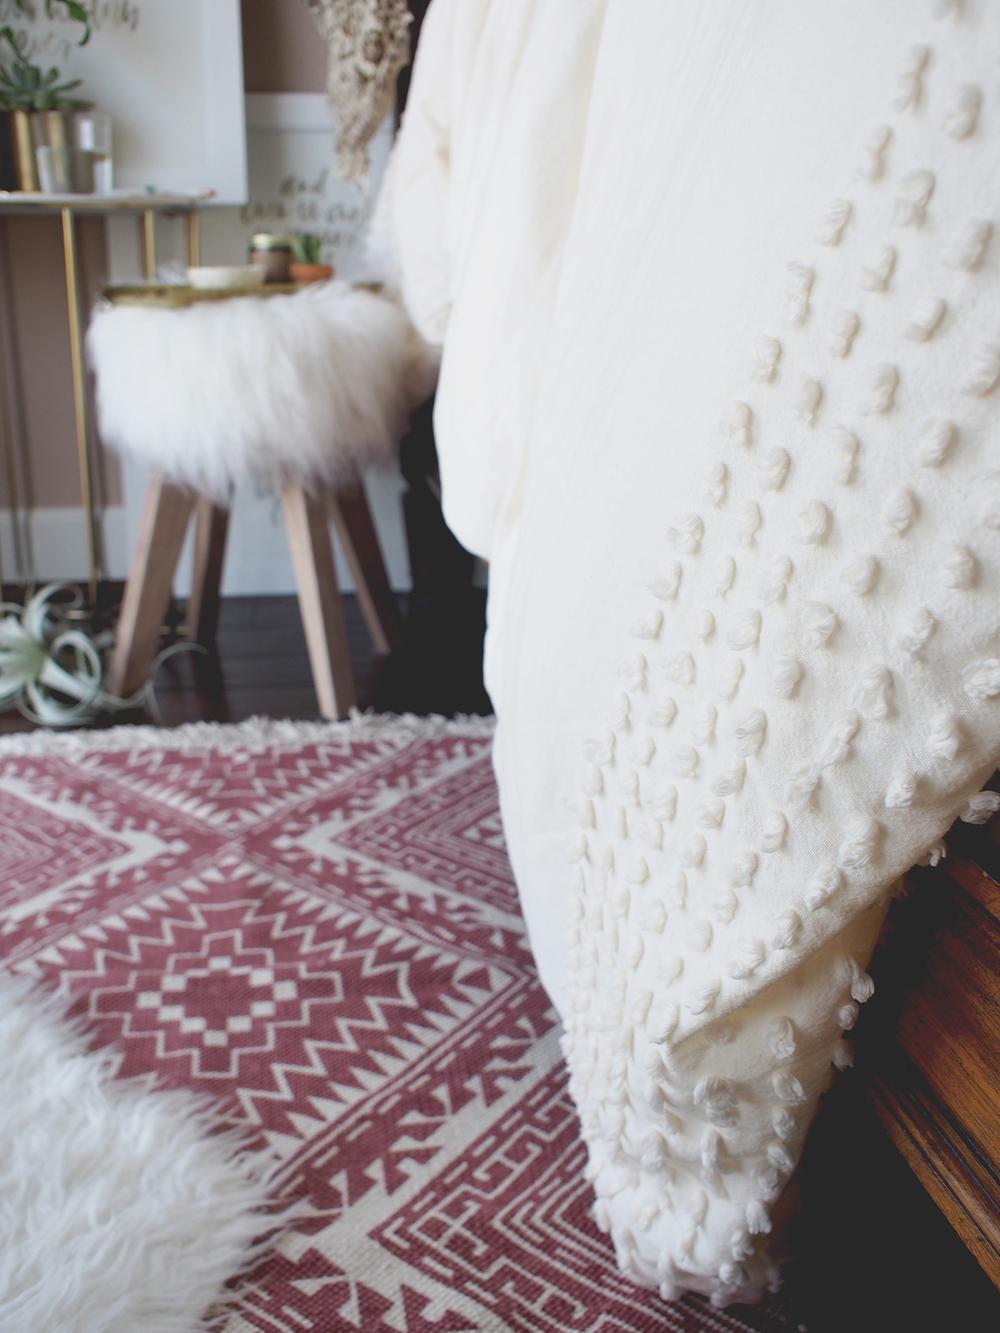 Plum & Bow Bedding detail | A Fabulous Fete